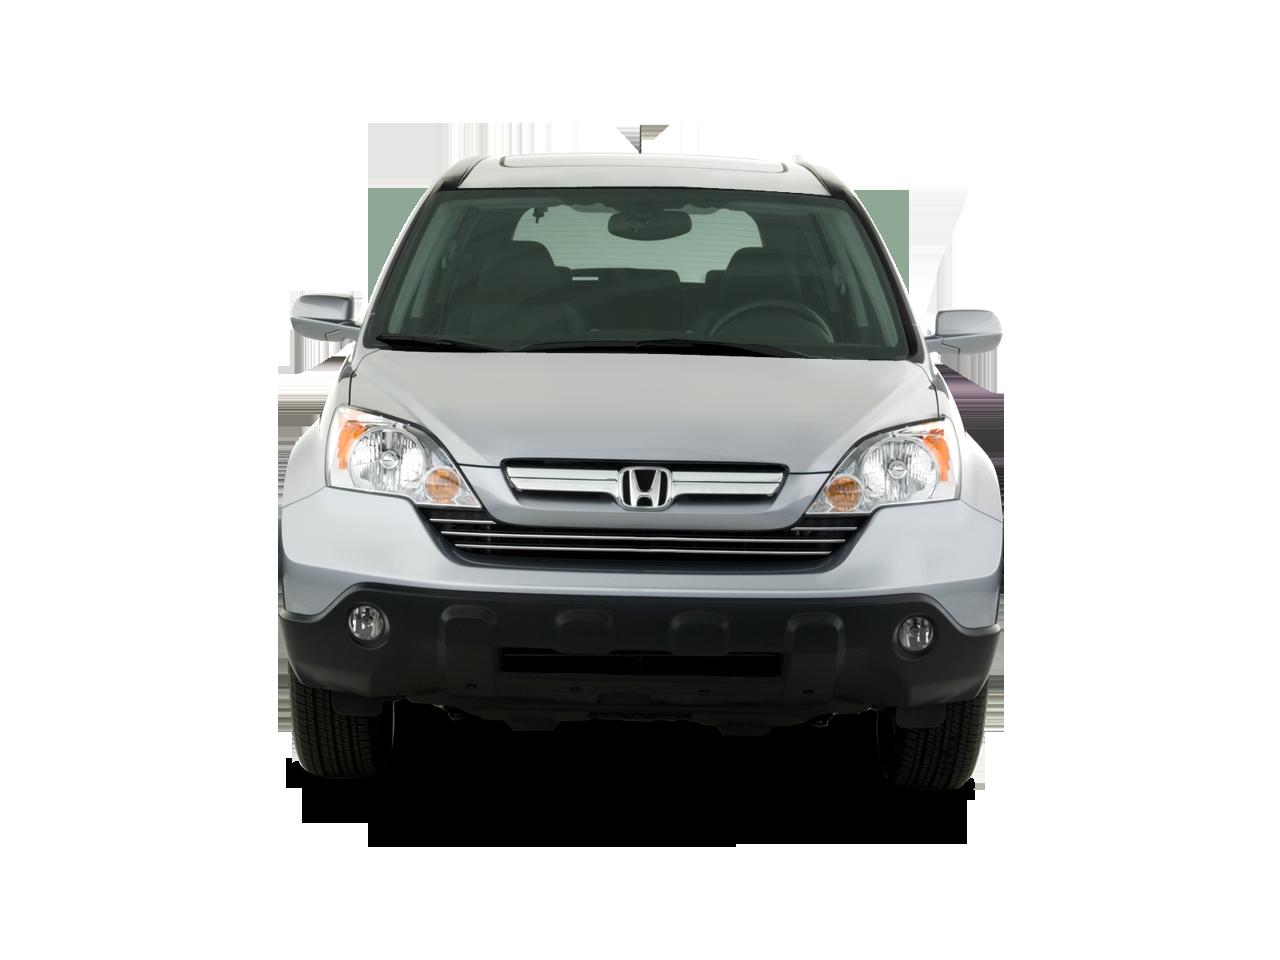 2007 Honda Cr V New And Future Cars Trucks And Suvs